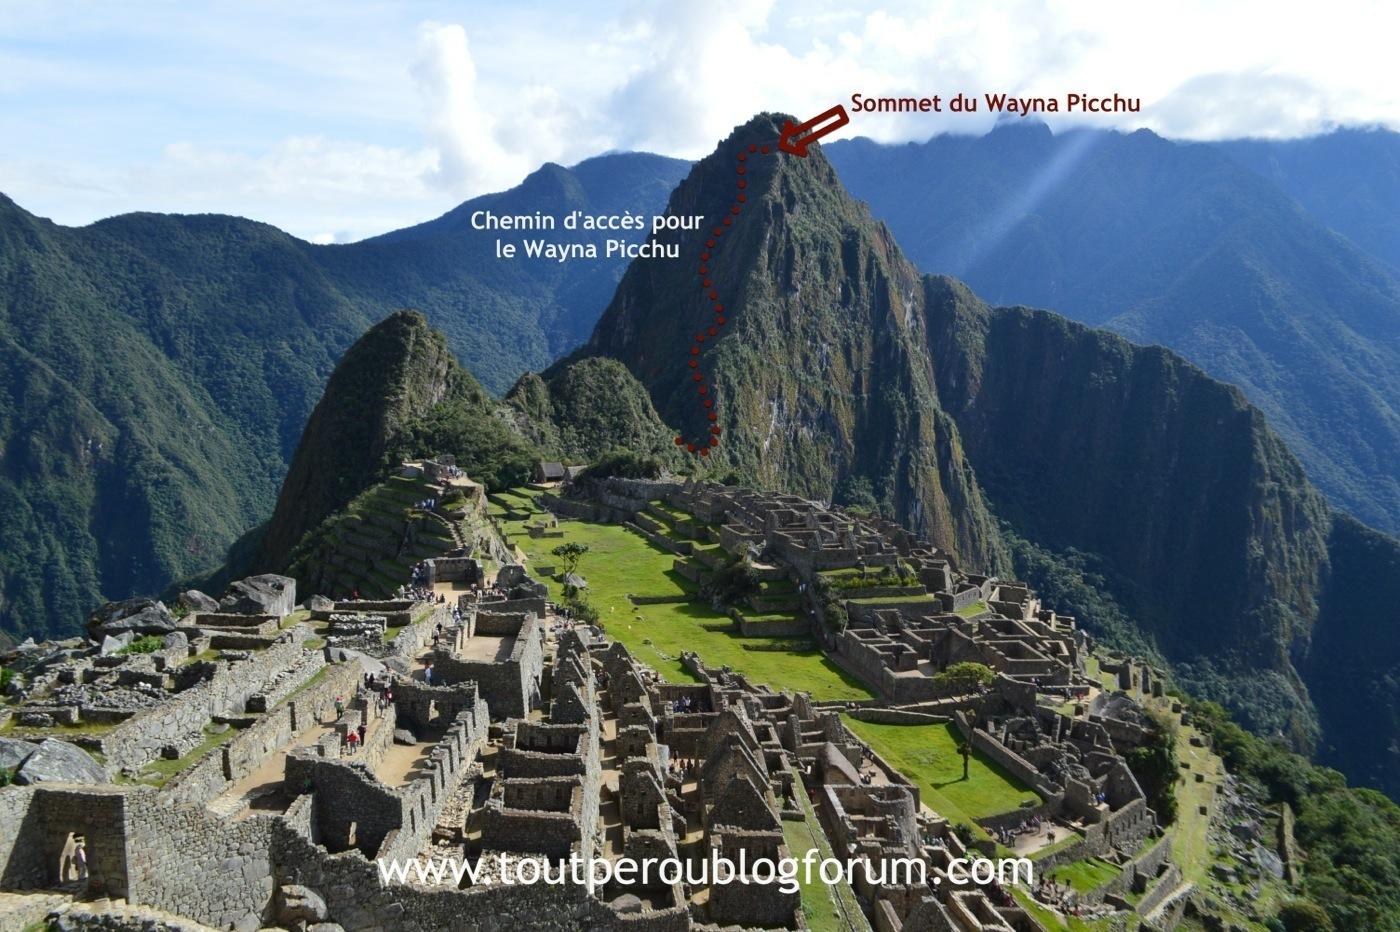 Wayna Picchu entrée Blog Forum Tout Pérou